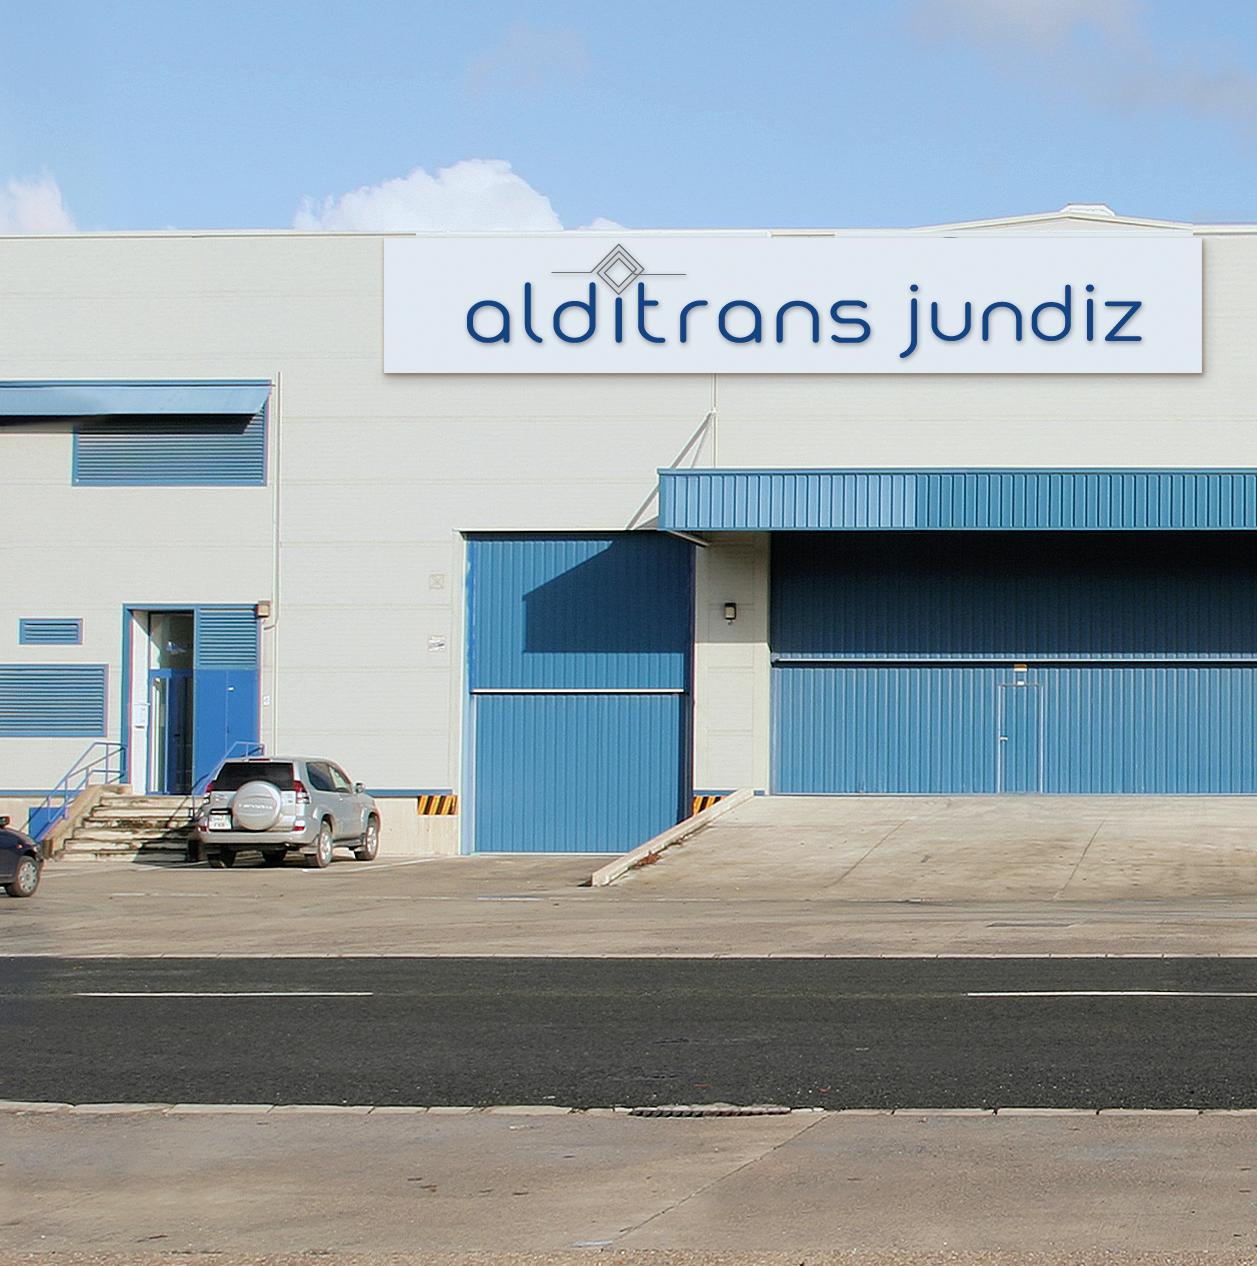 Alditrans | Contacto Alditrans Jundiz